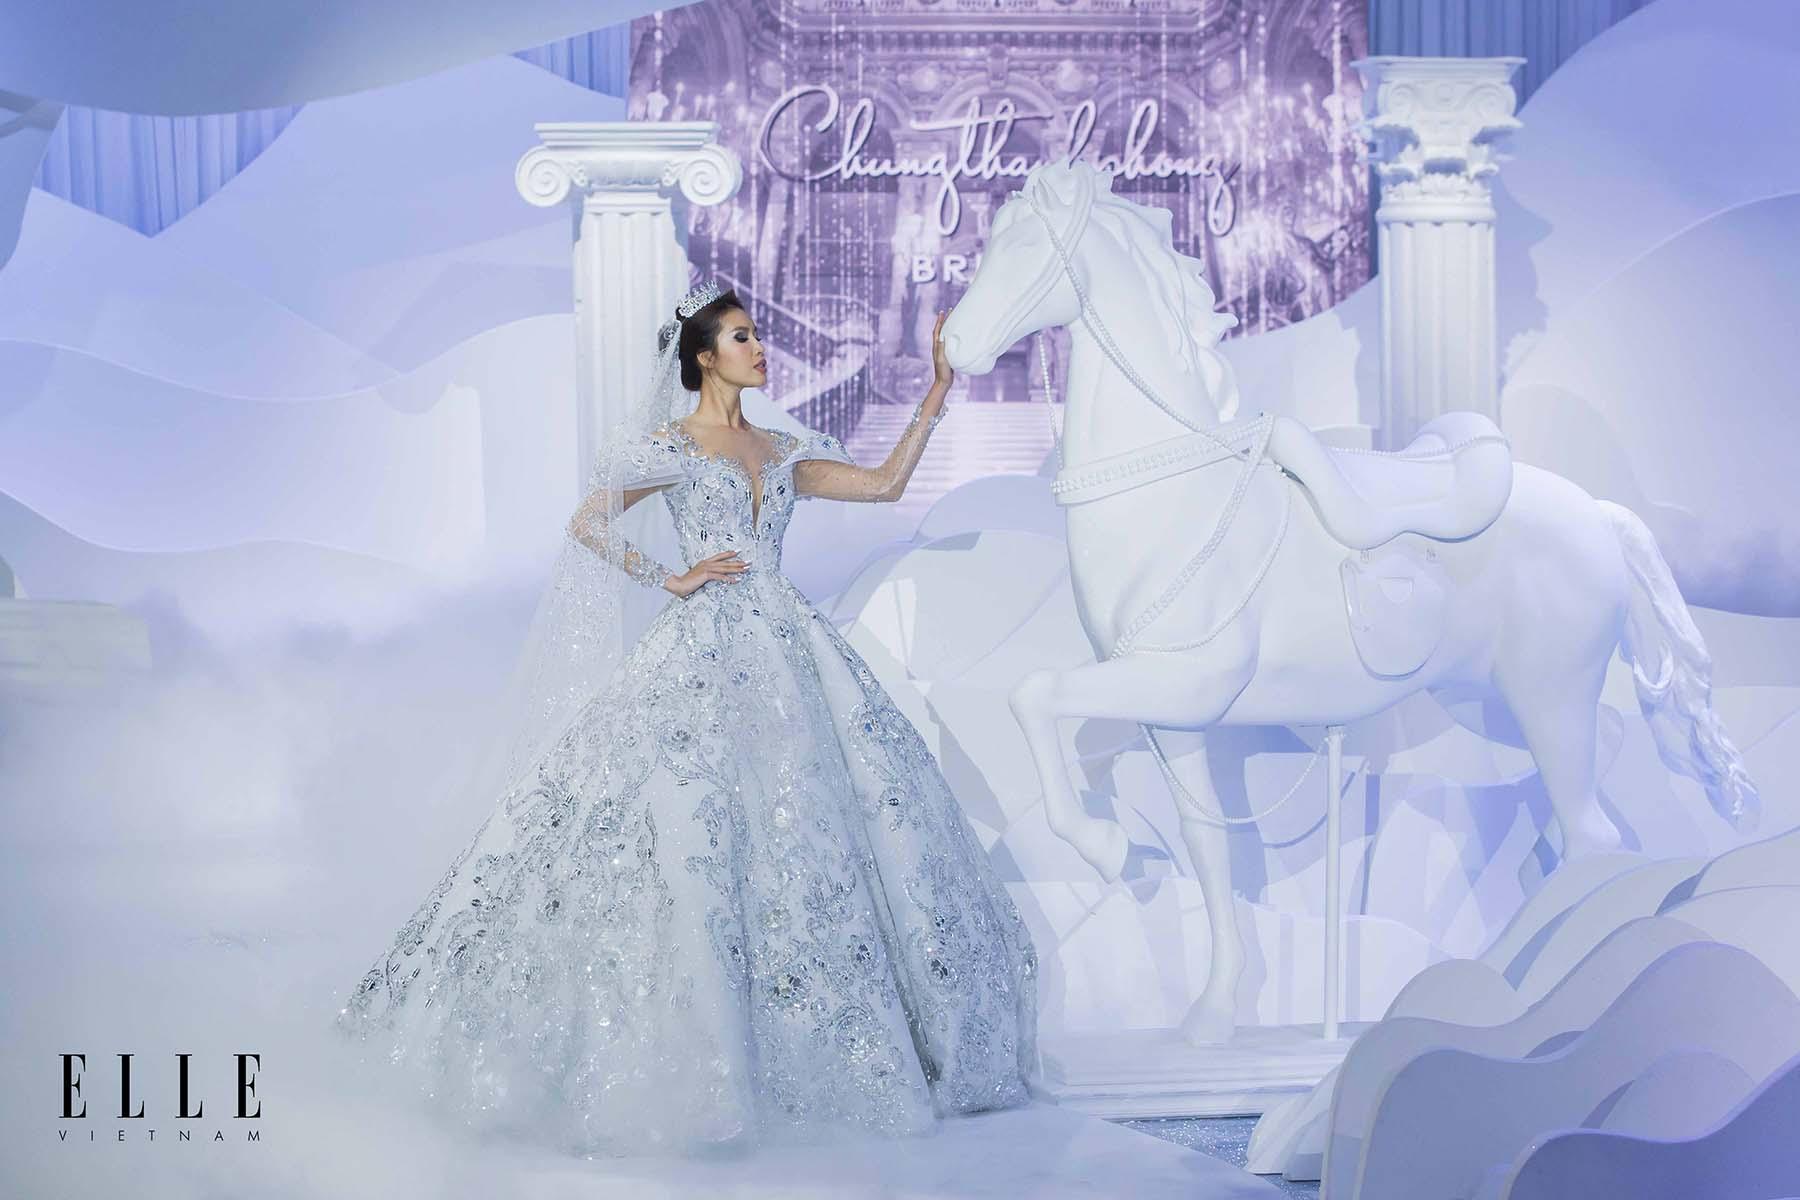 NTK Chung Thanh Phong BST Dear My Princess cùng người mẫu Minh Tú và thiết kế tinh tế